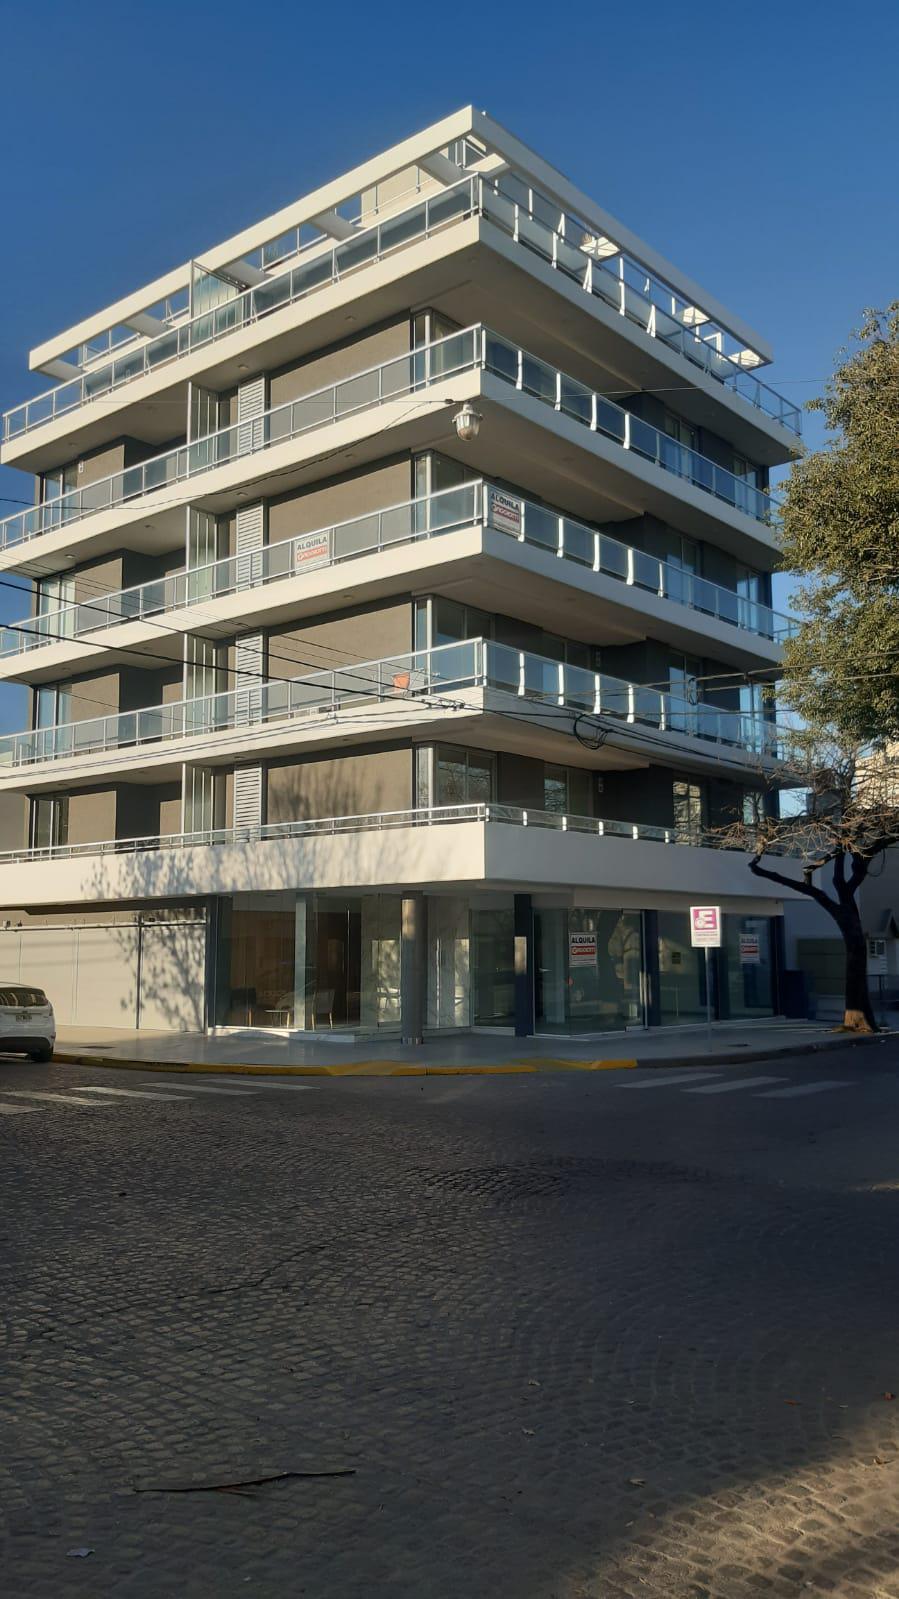 Torre Mya (Maipú y Arenales 3ºA) - Gaggiotti Inmobiliaria cuenta con más de 50 años desde que se inicio en el negocio de los servicios inmobiliarios.